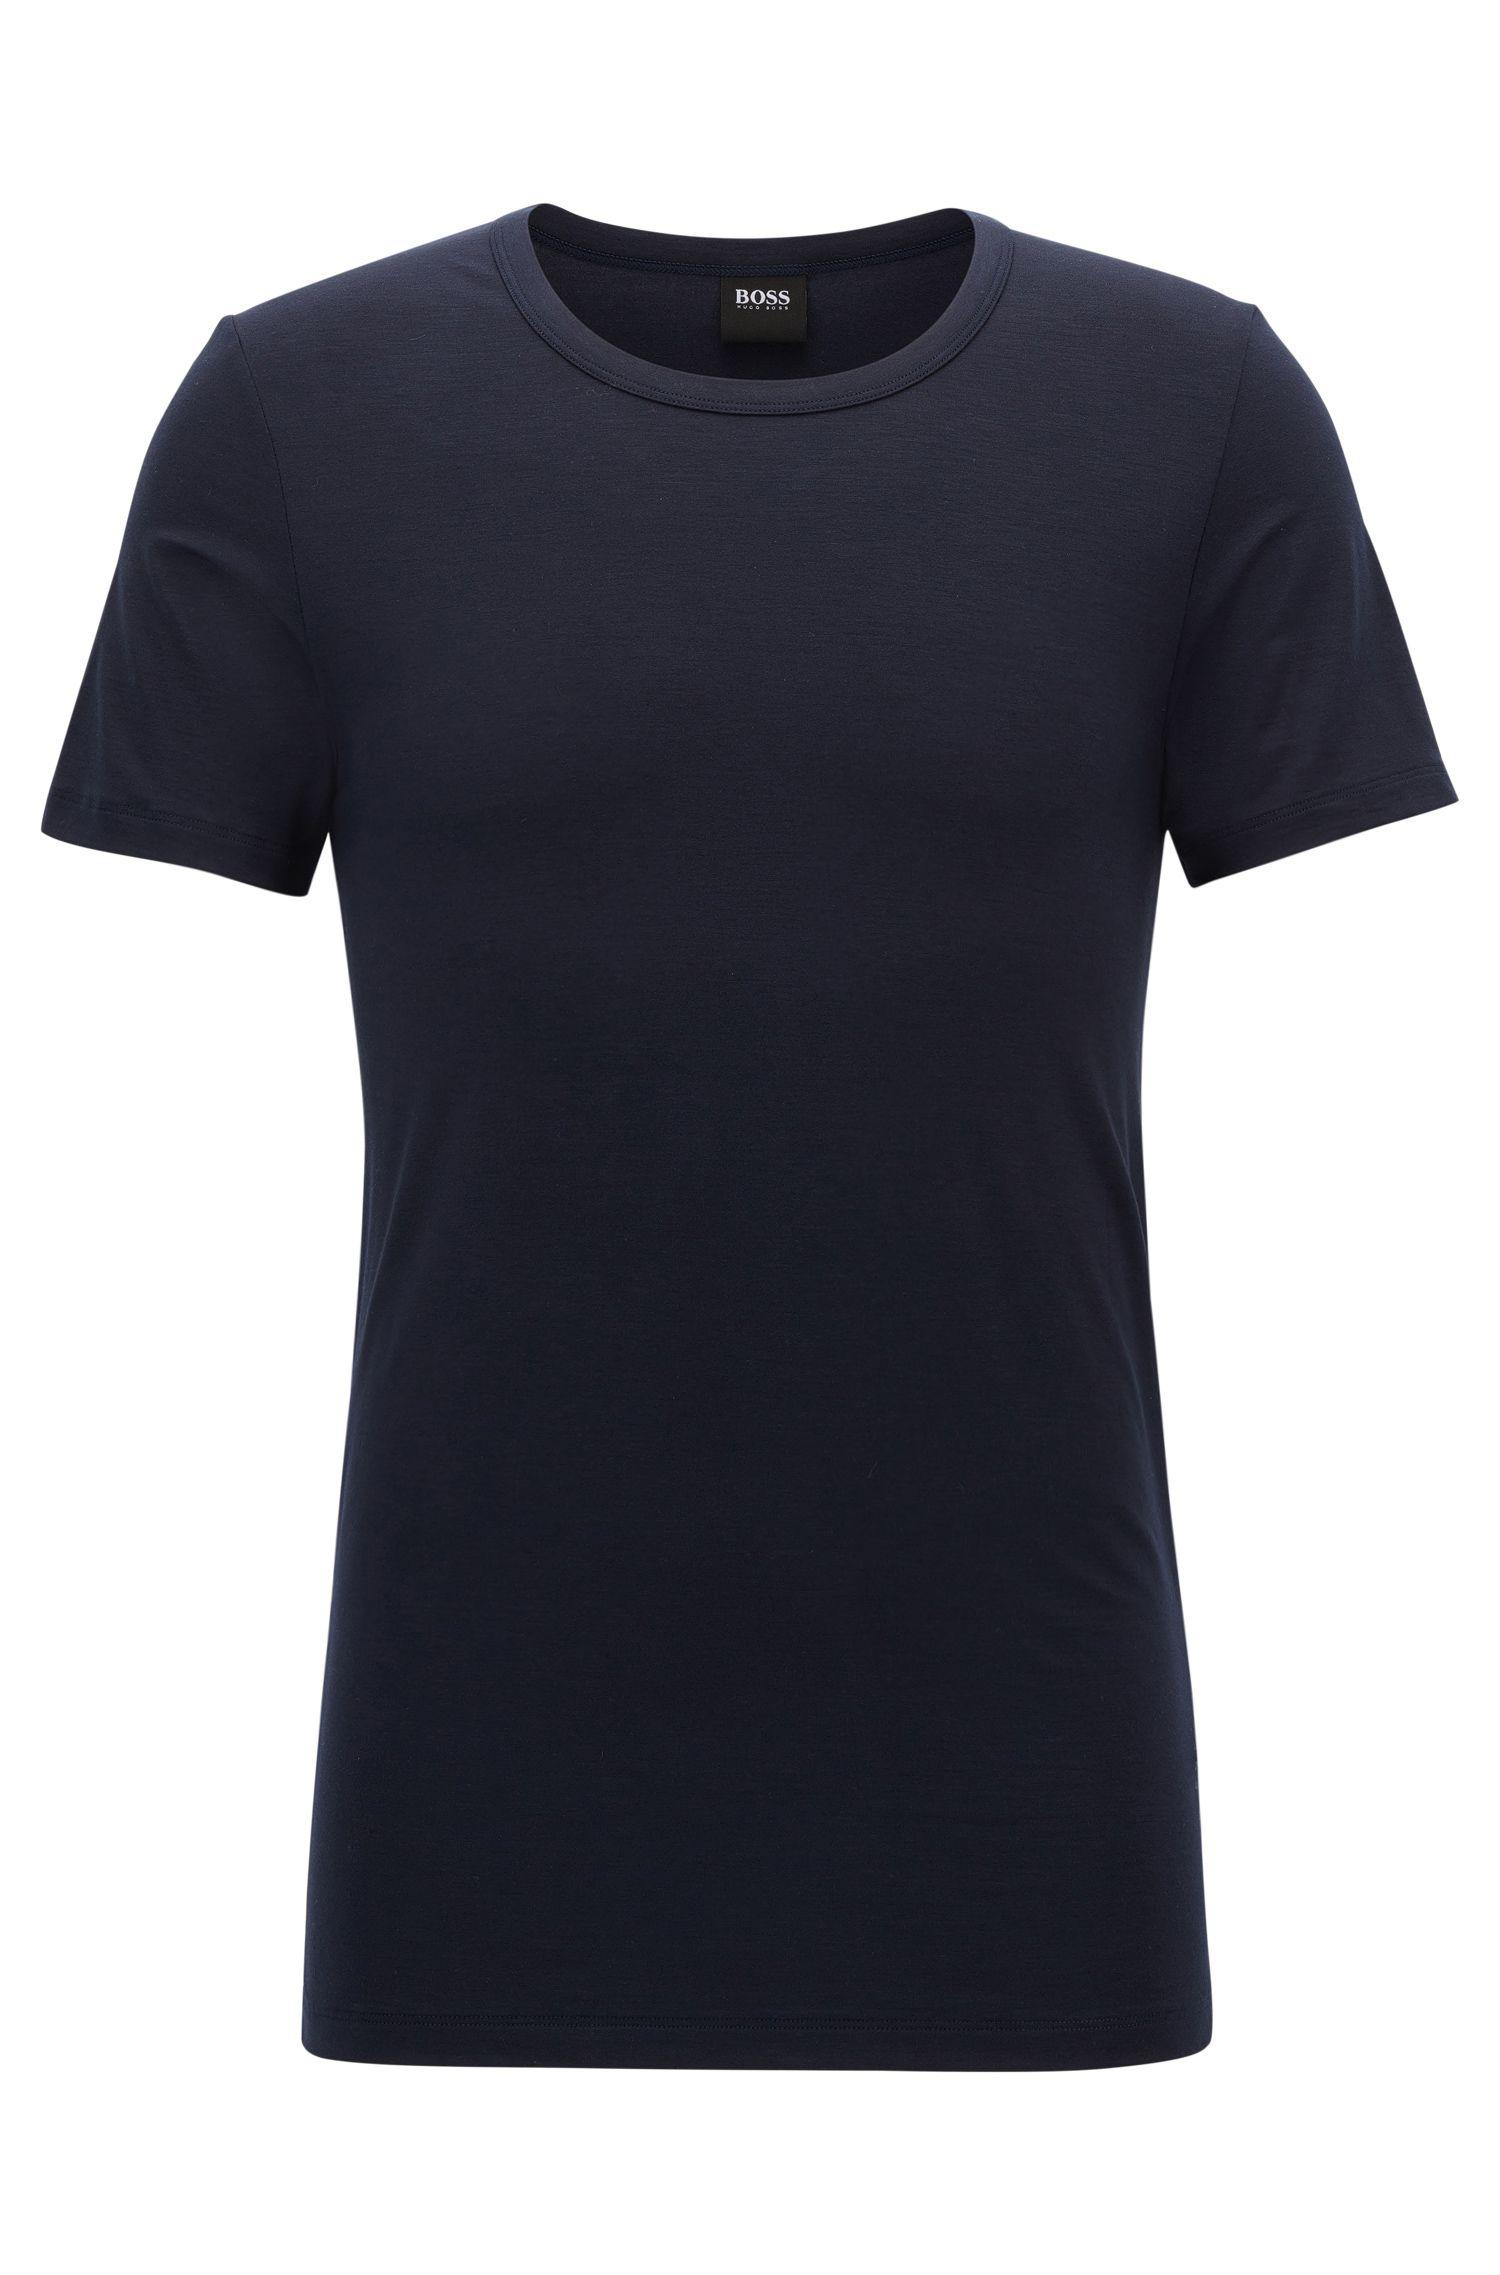 T-Shirt aus elastischemJersey mit Rundhalsausschnitt